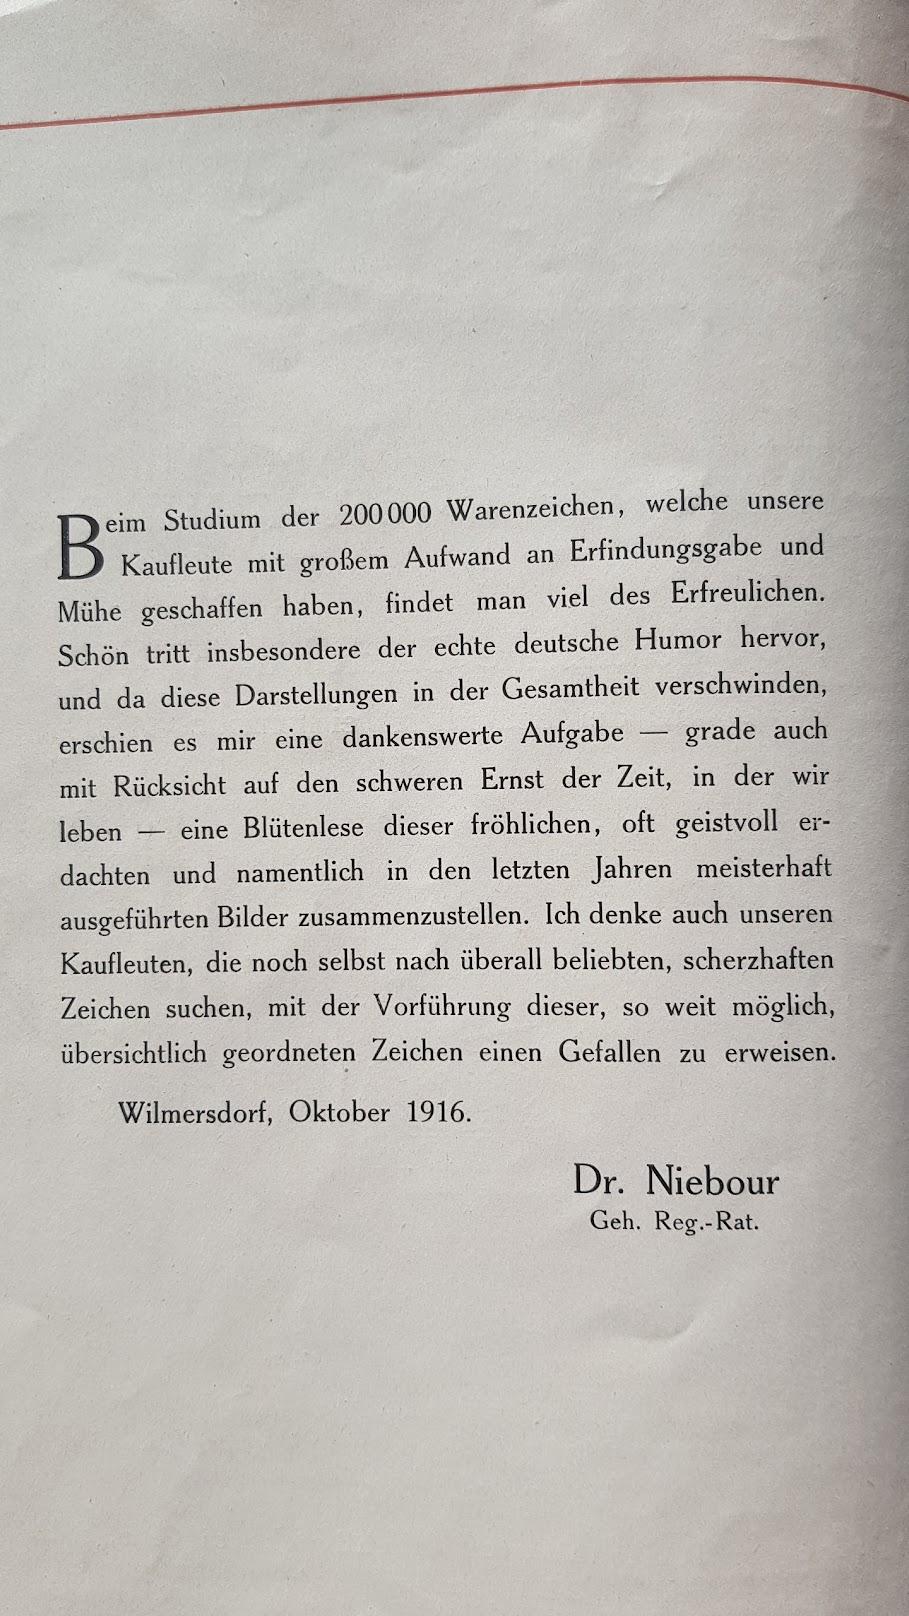 Warnezeichen-Humor - Vorwort von Dr. Niebour, Geheimer Regierungs-Rat, Wilmersdorf, Oktober 1916